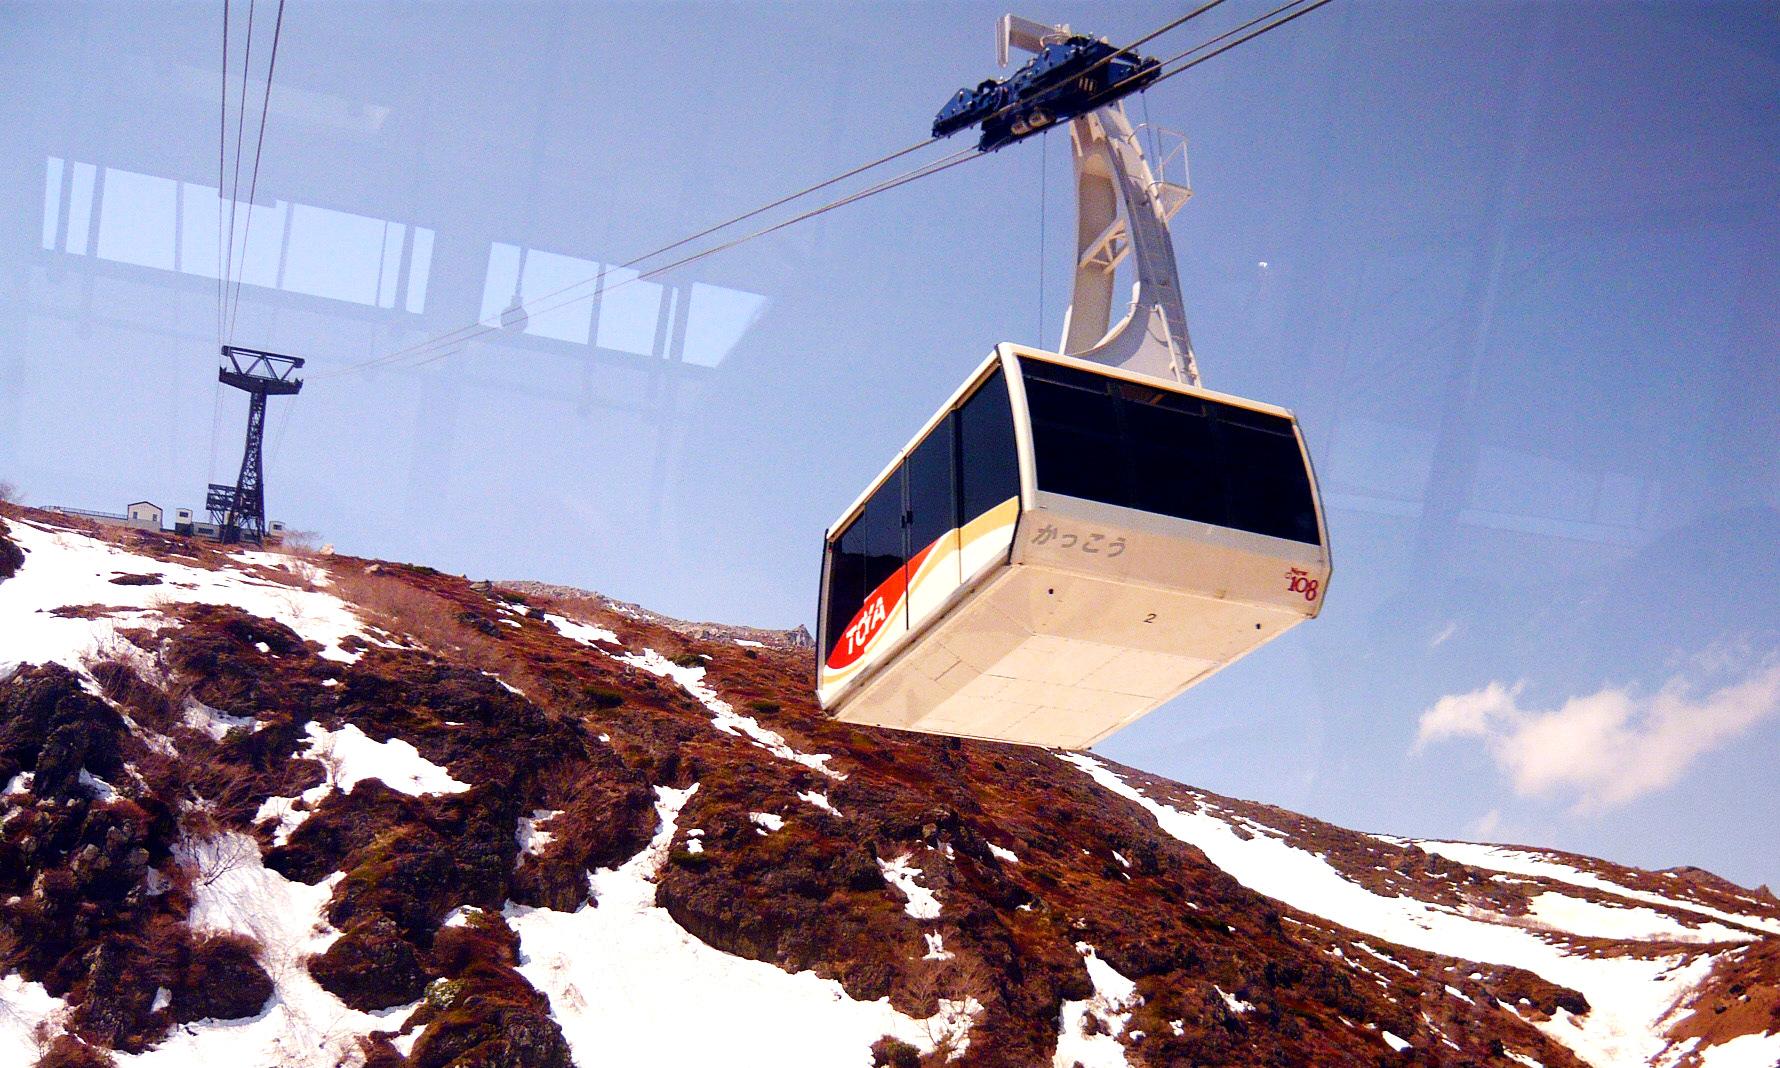 那須ロープウェイ運行は開山祭の前3月20日から